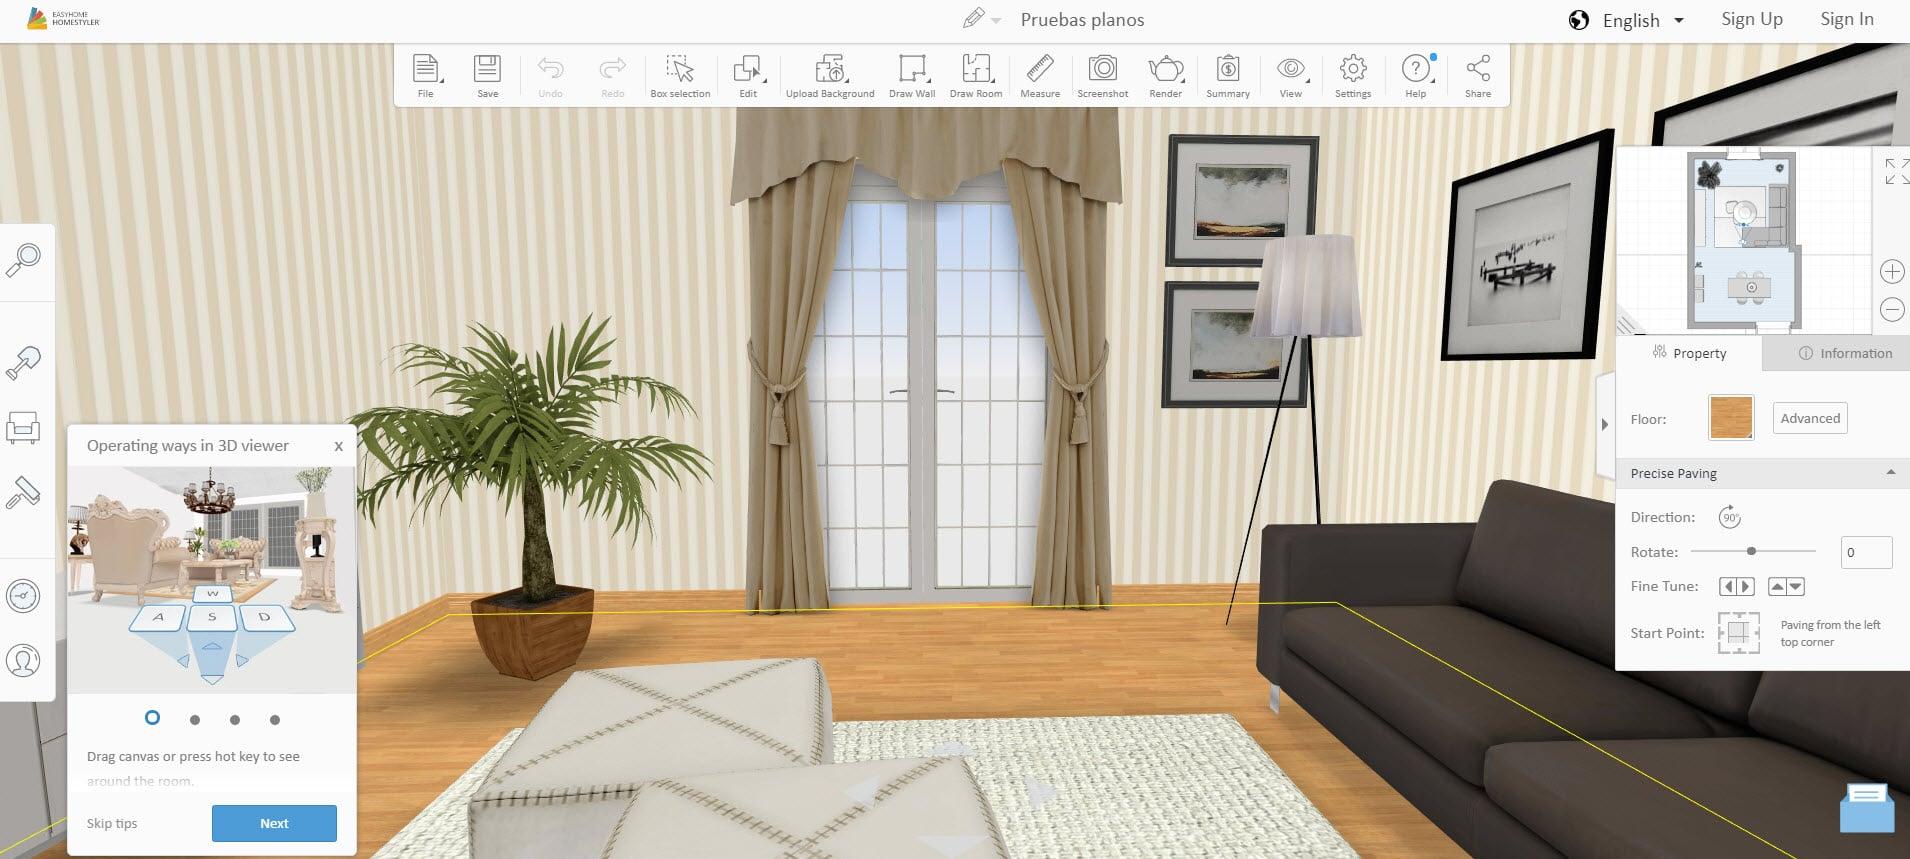 10 aplicaciones dise o de planos e interiores construye for Diseno de interiores de casas planos